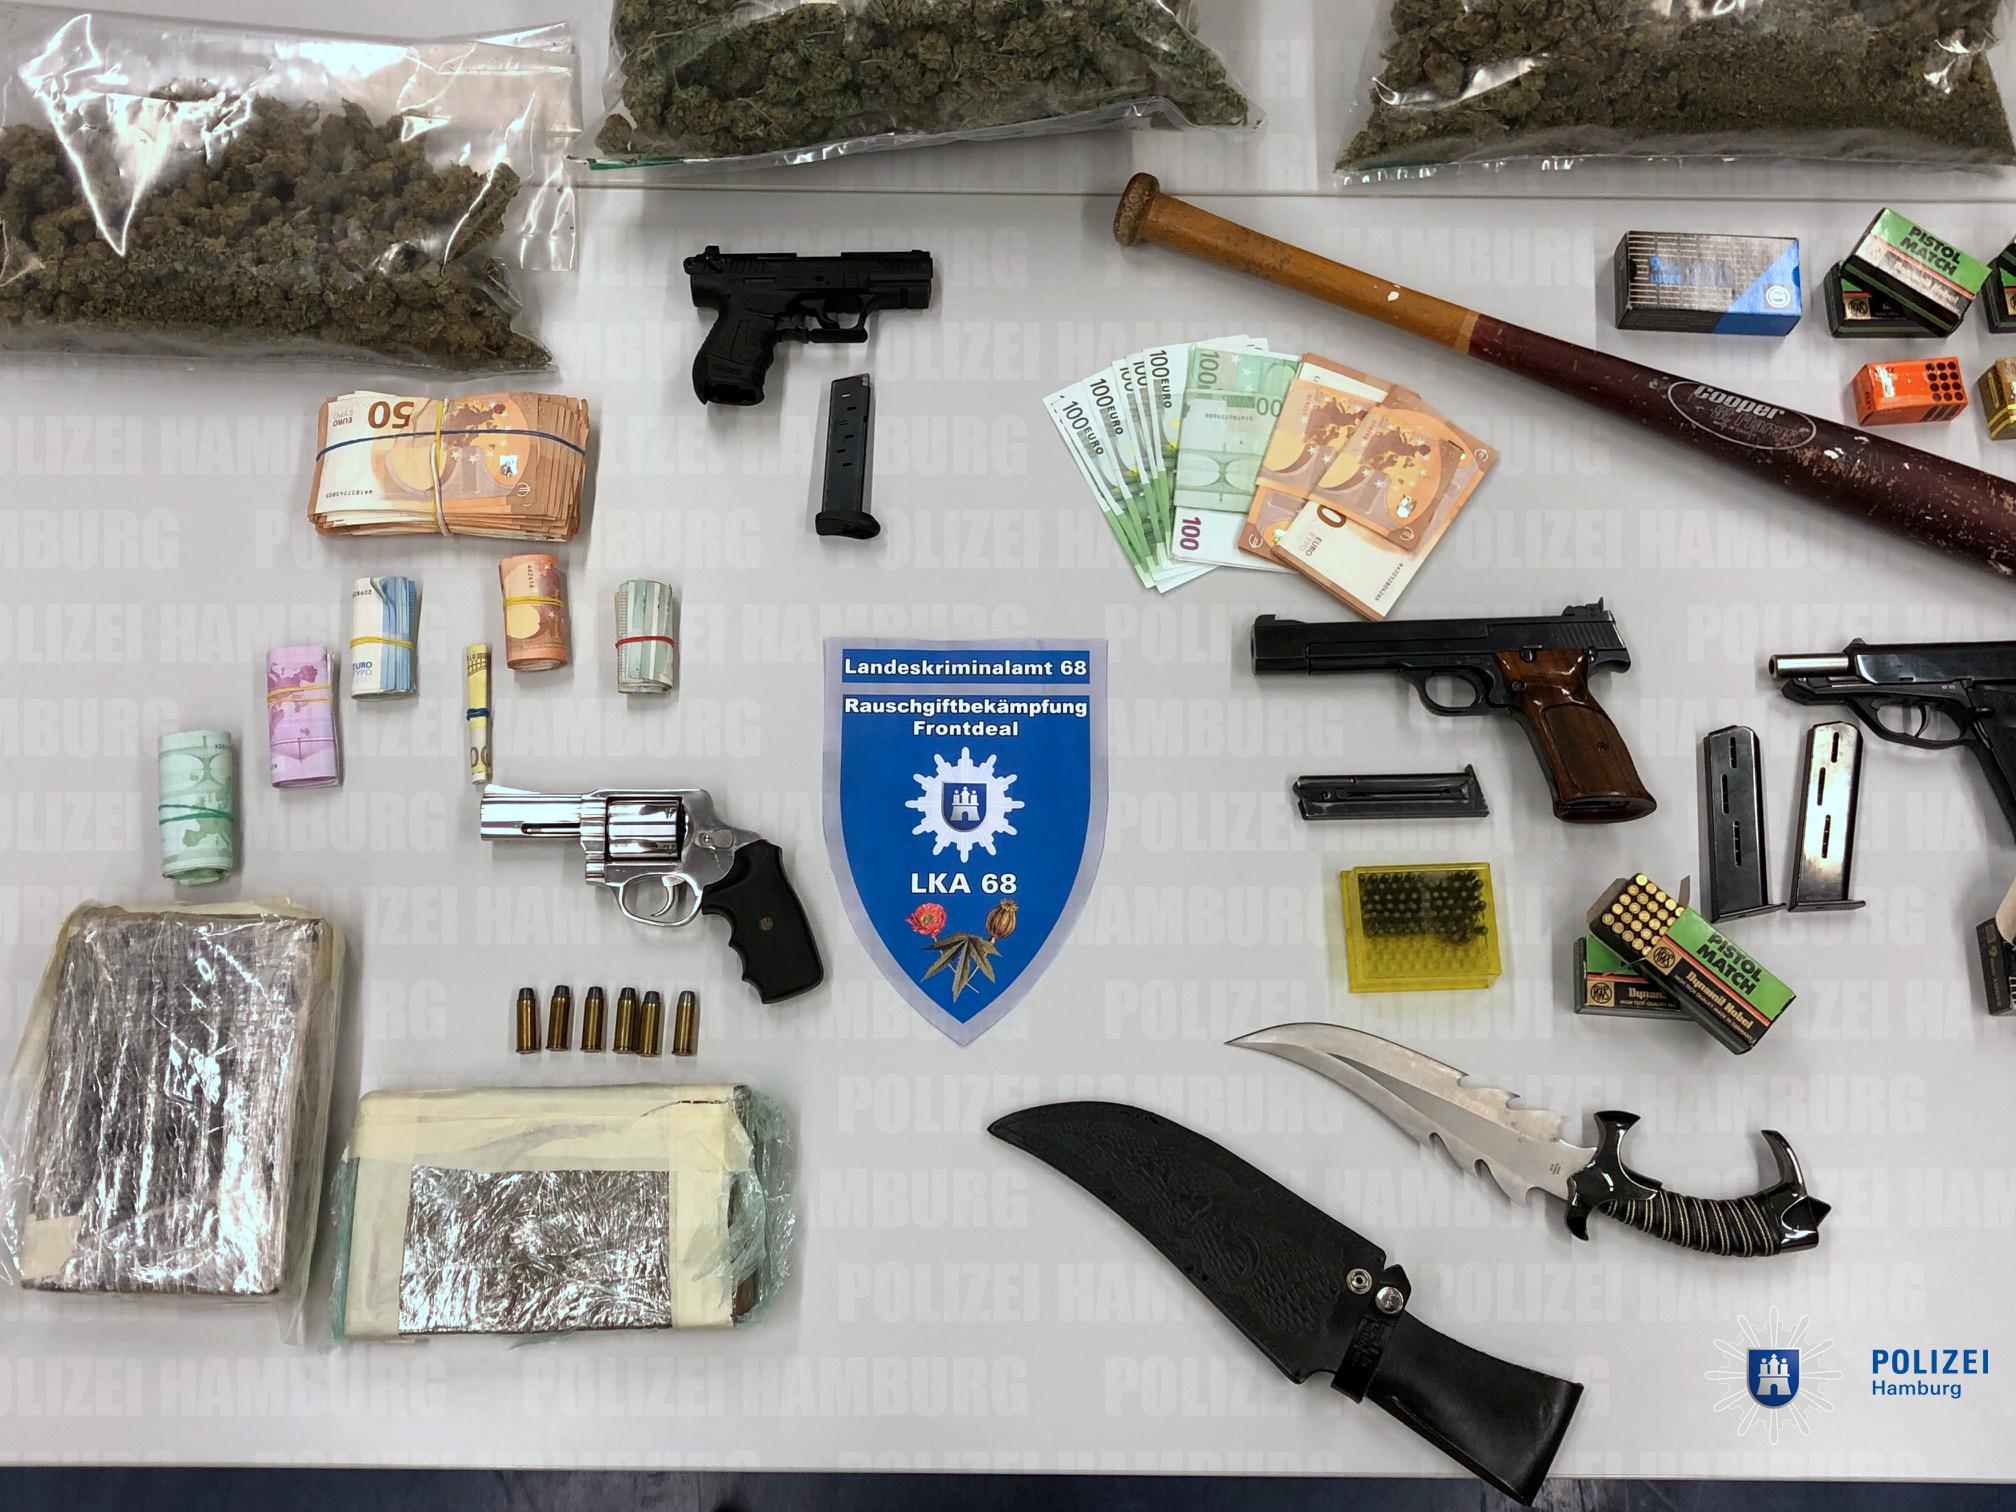 08fa47f85563e7 Fünf vorläufige Festnahmen wegen des Verdachts des Drogenhandels in Hamburg-Marienthal  und Tonndorf